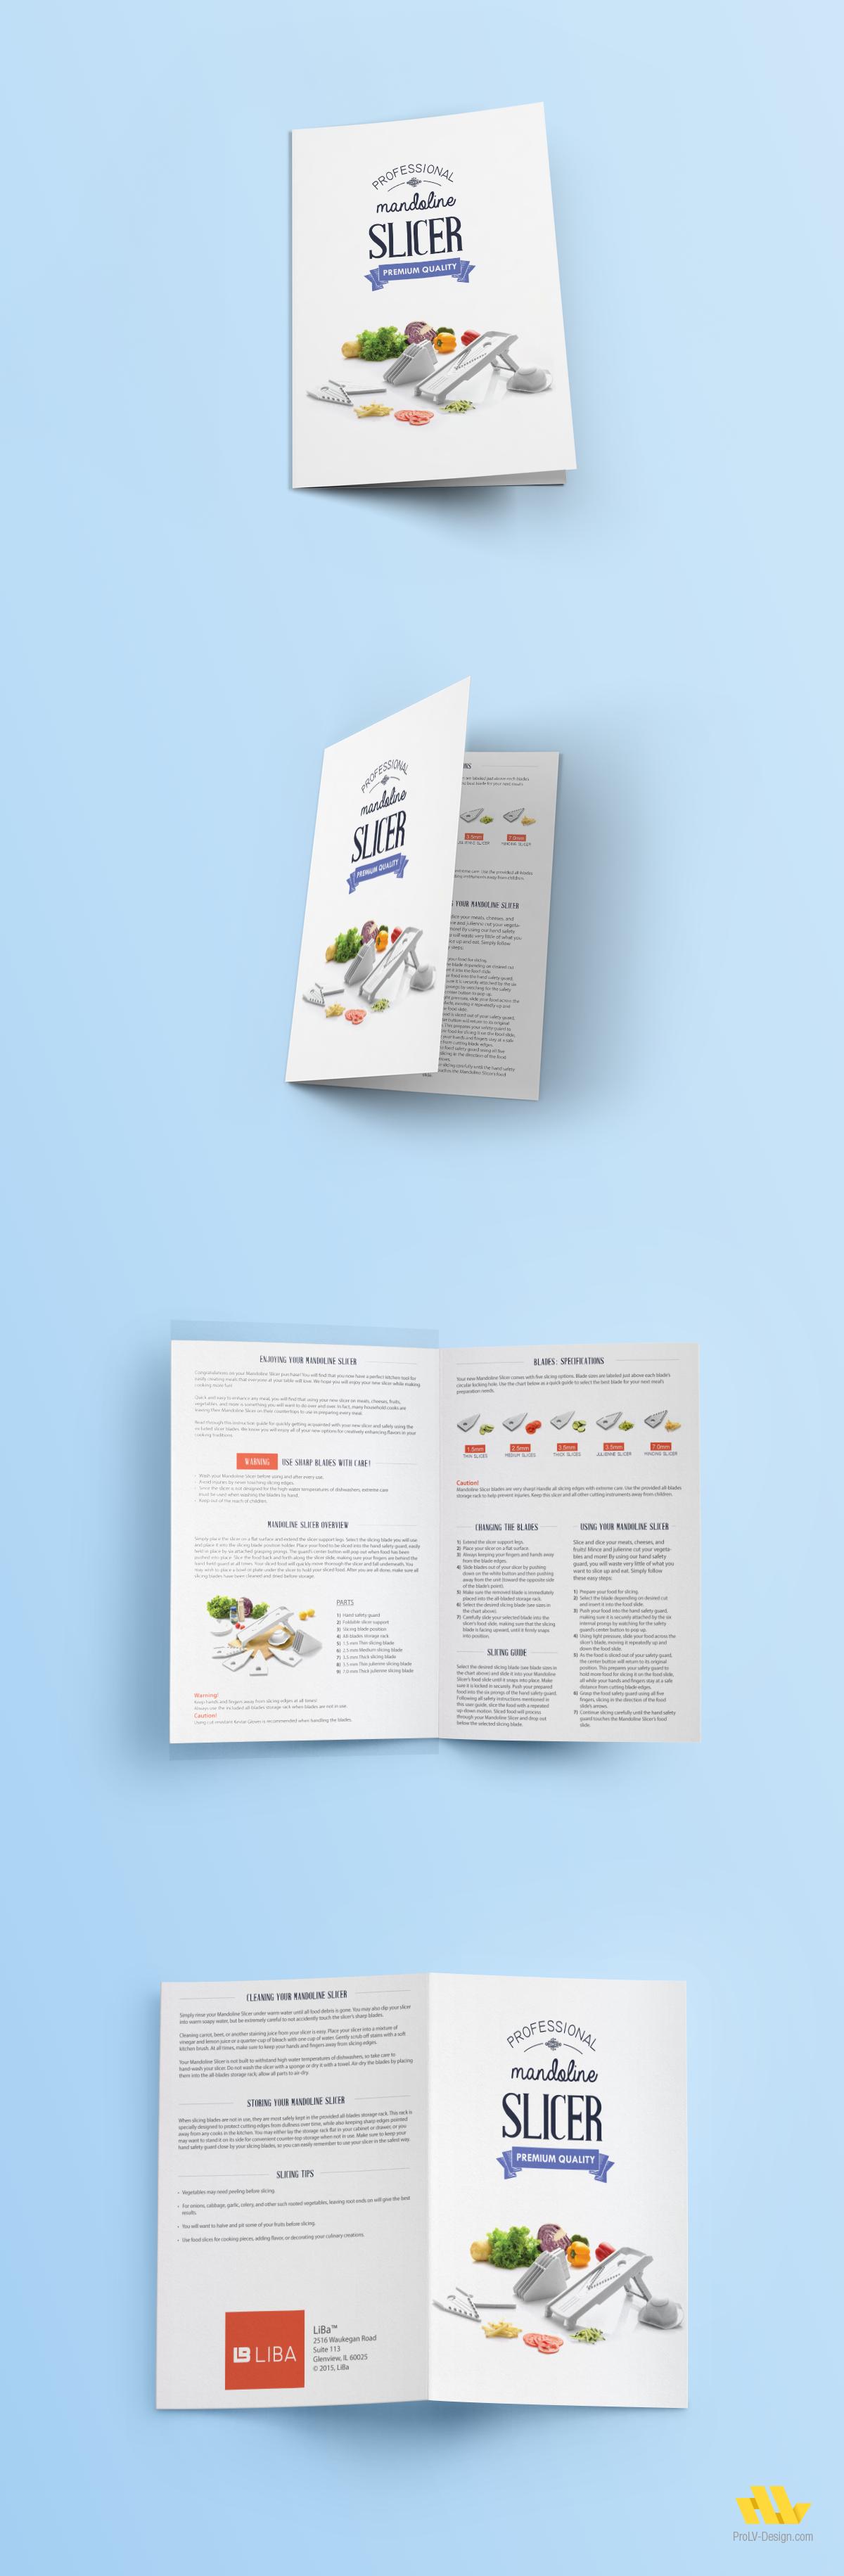 instruction manual design for liba slicer flyer brochure design